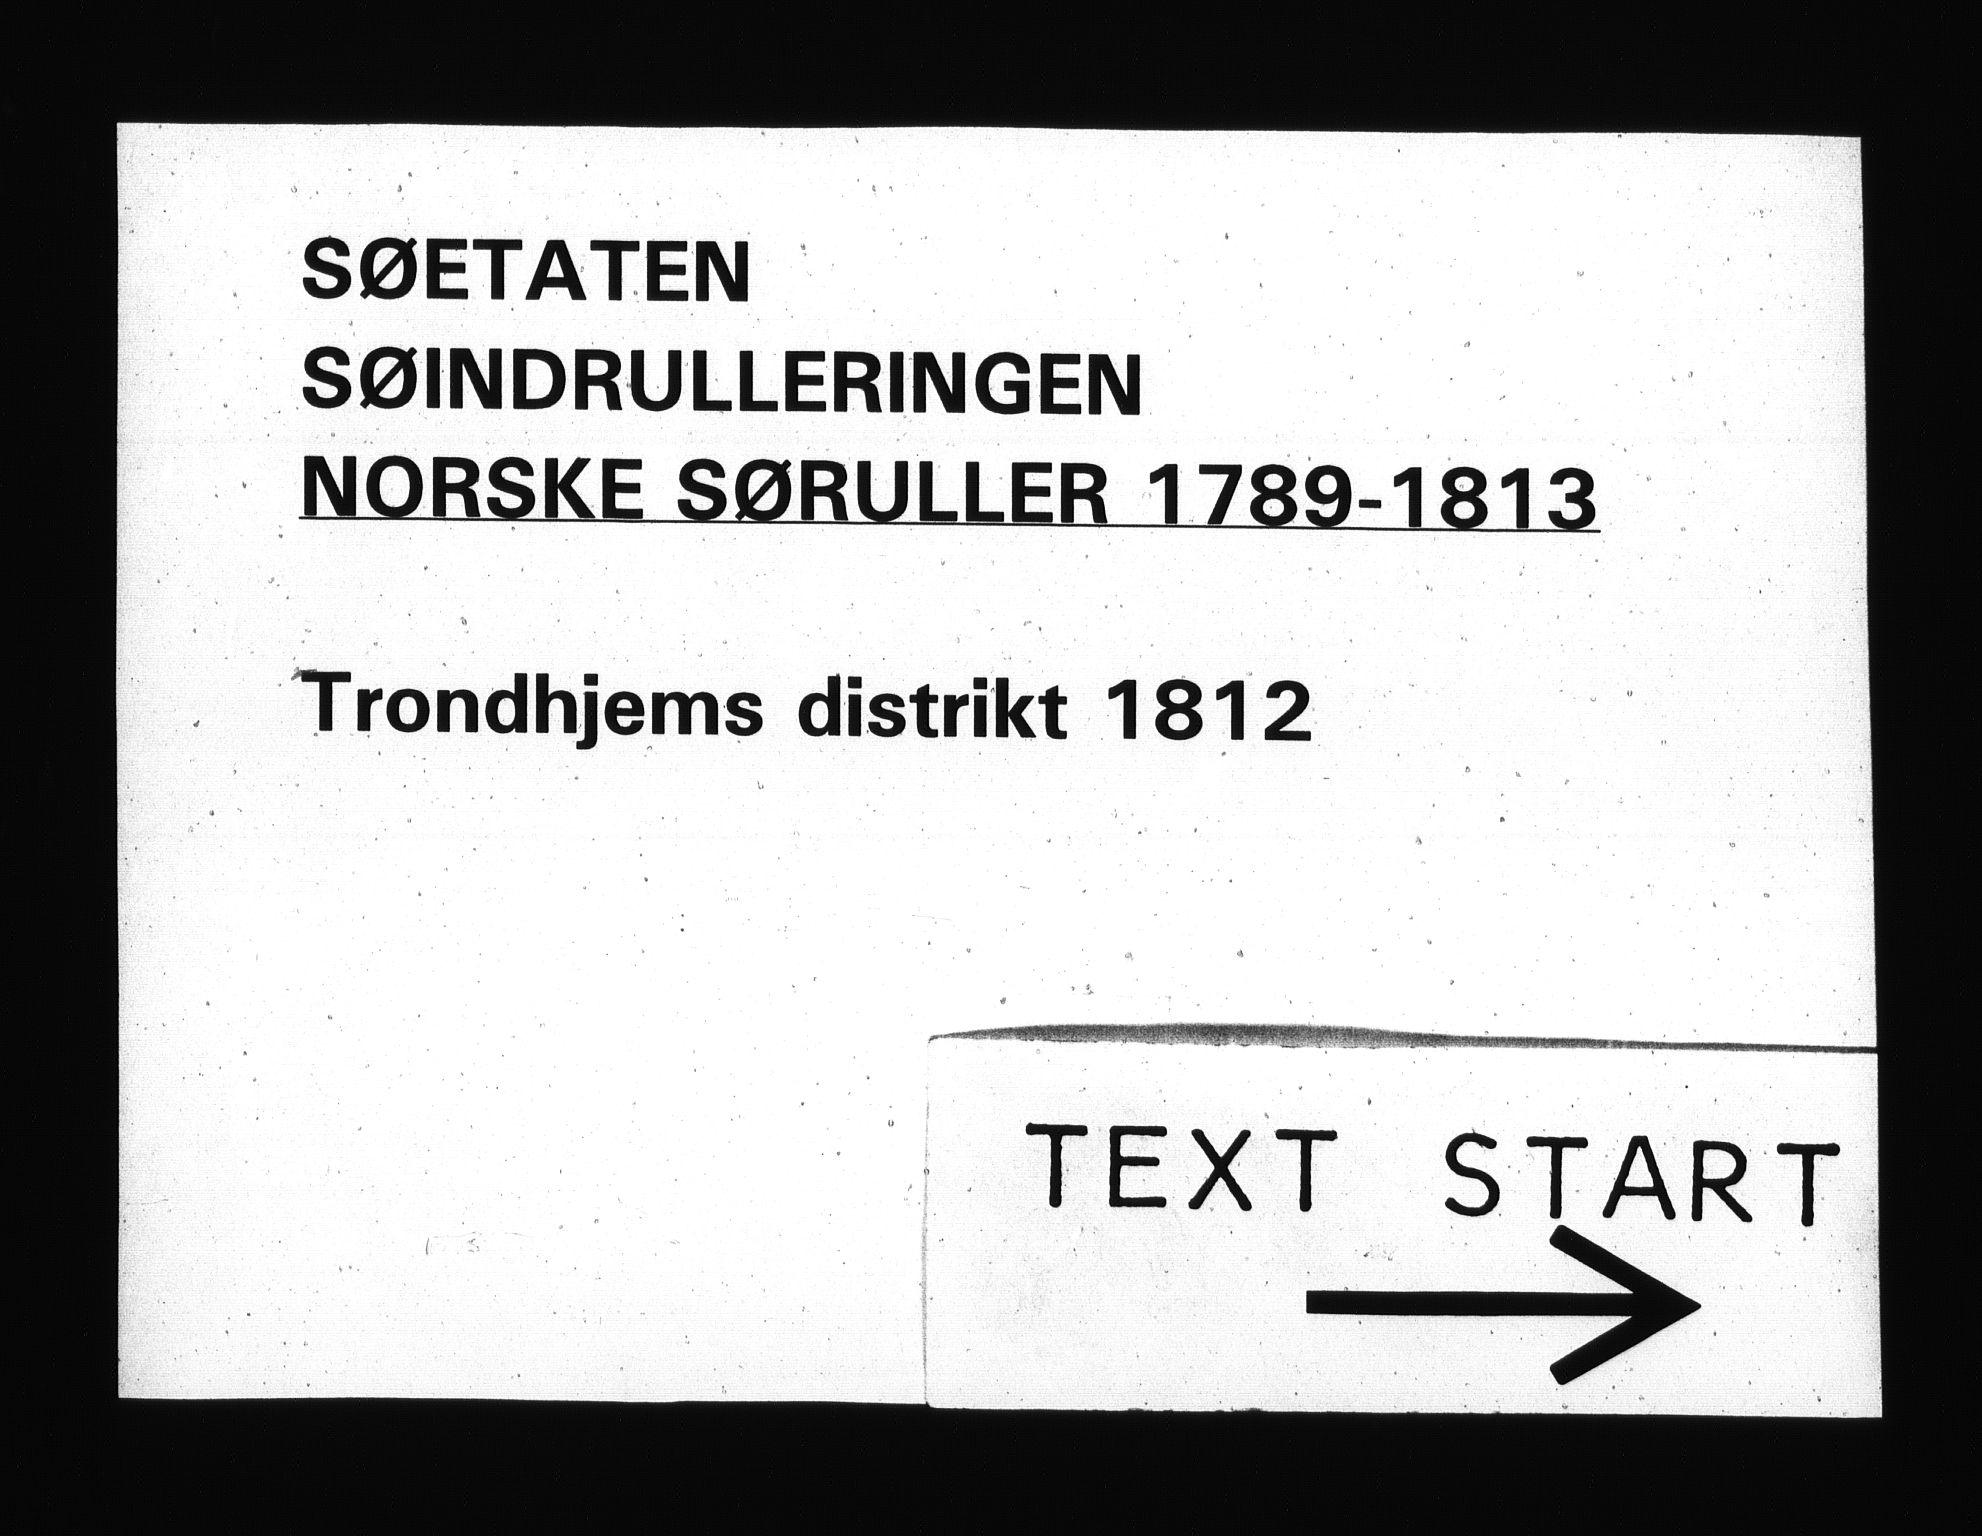 RA, Sjøetaten, F/L0339: Trondheim distrikt, bind 1, 1812